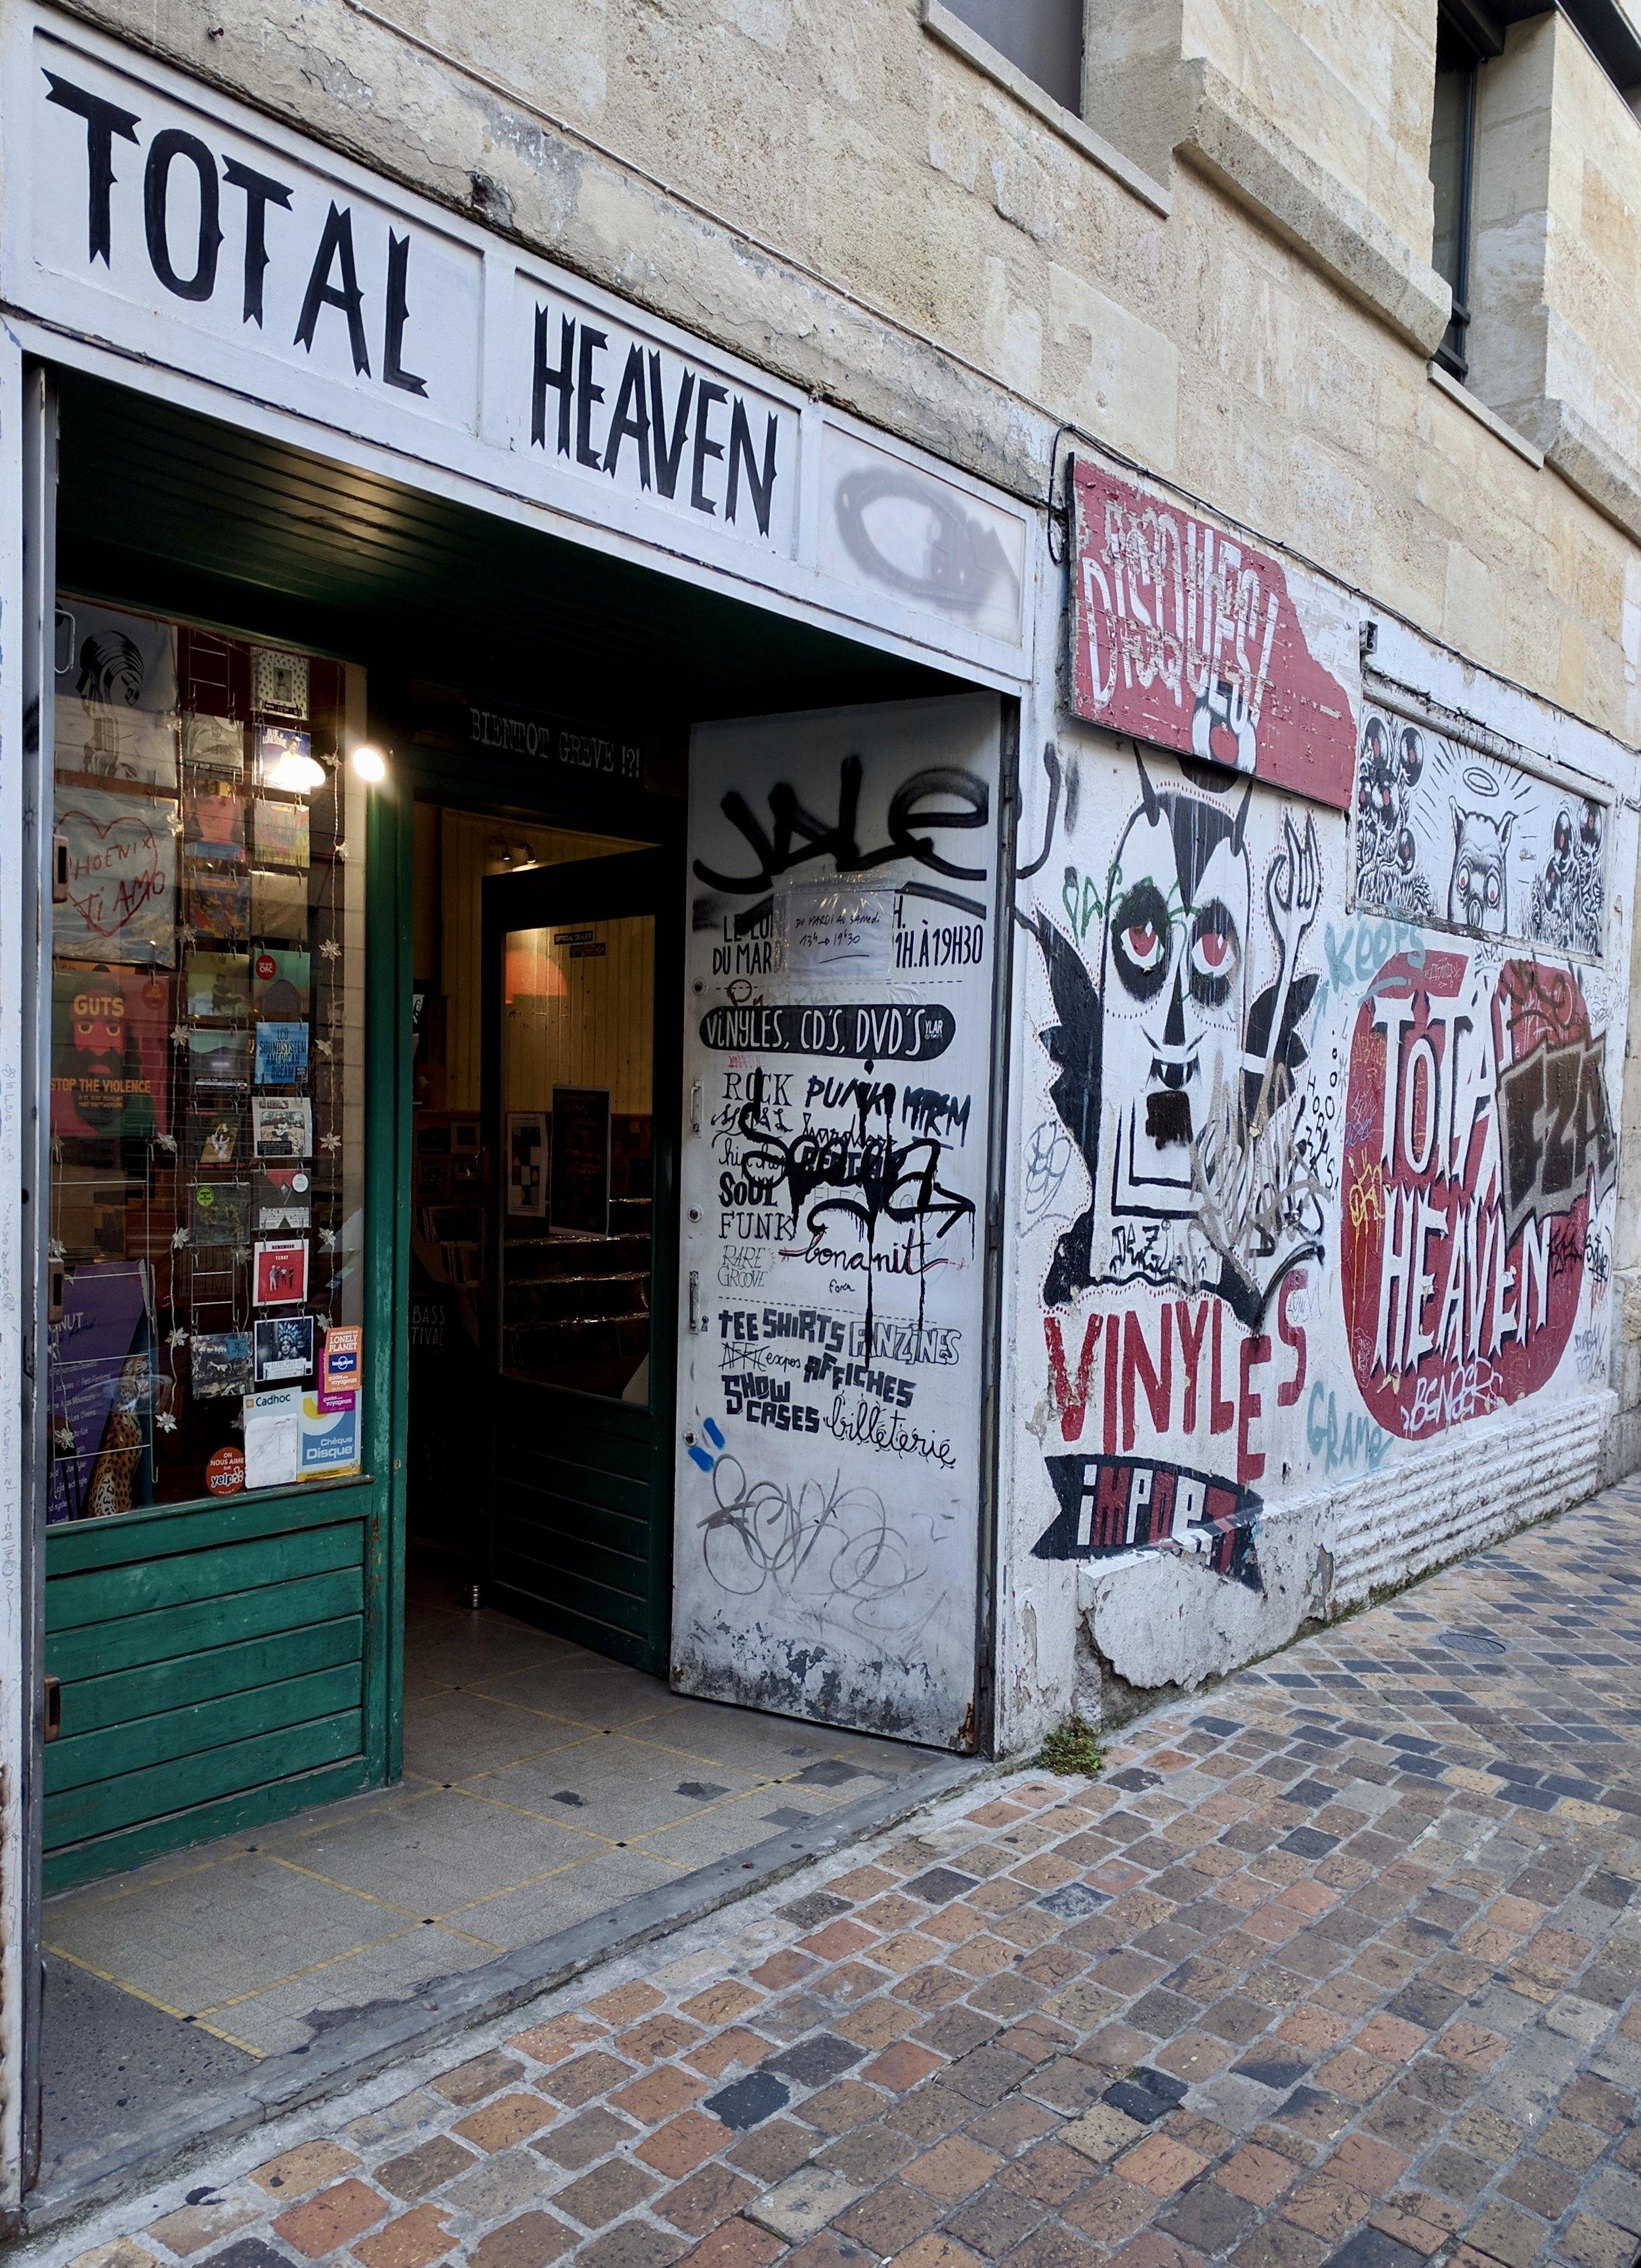 Total Heaven - Bordeaux